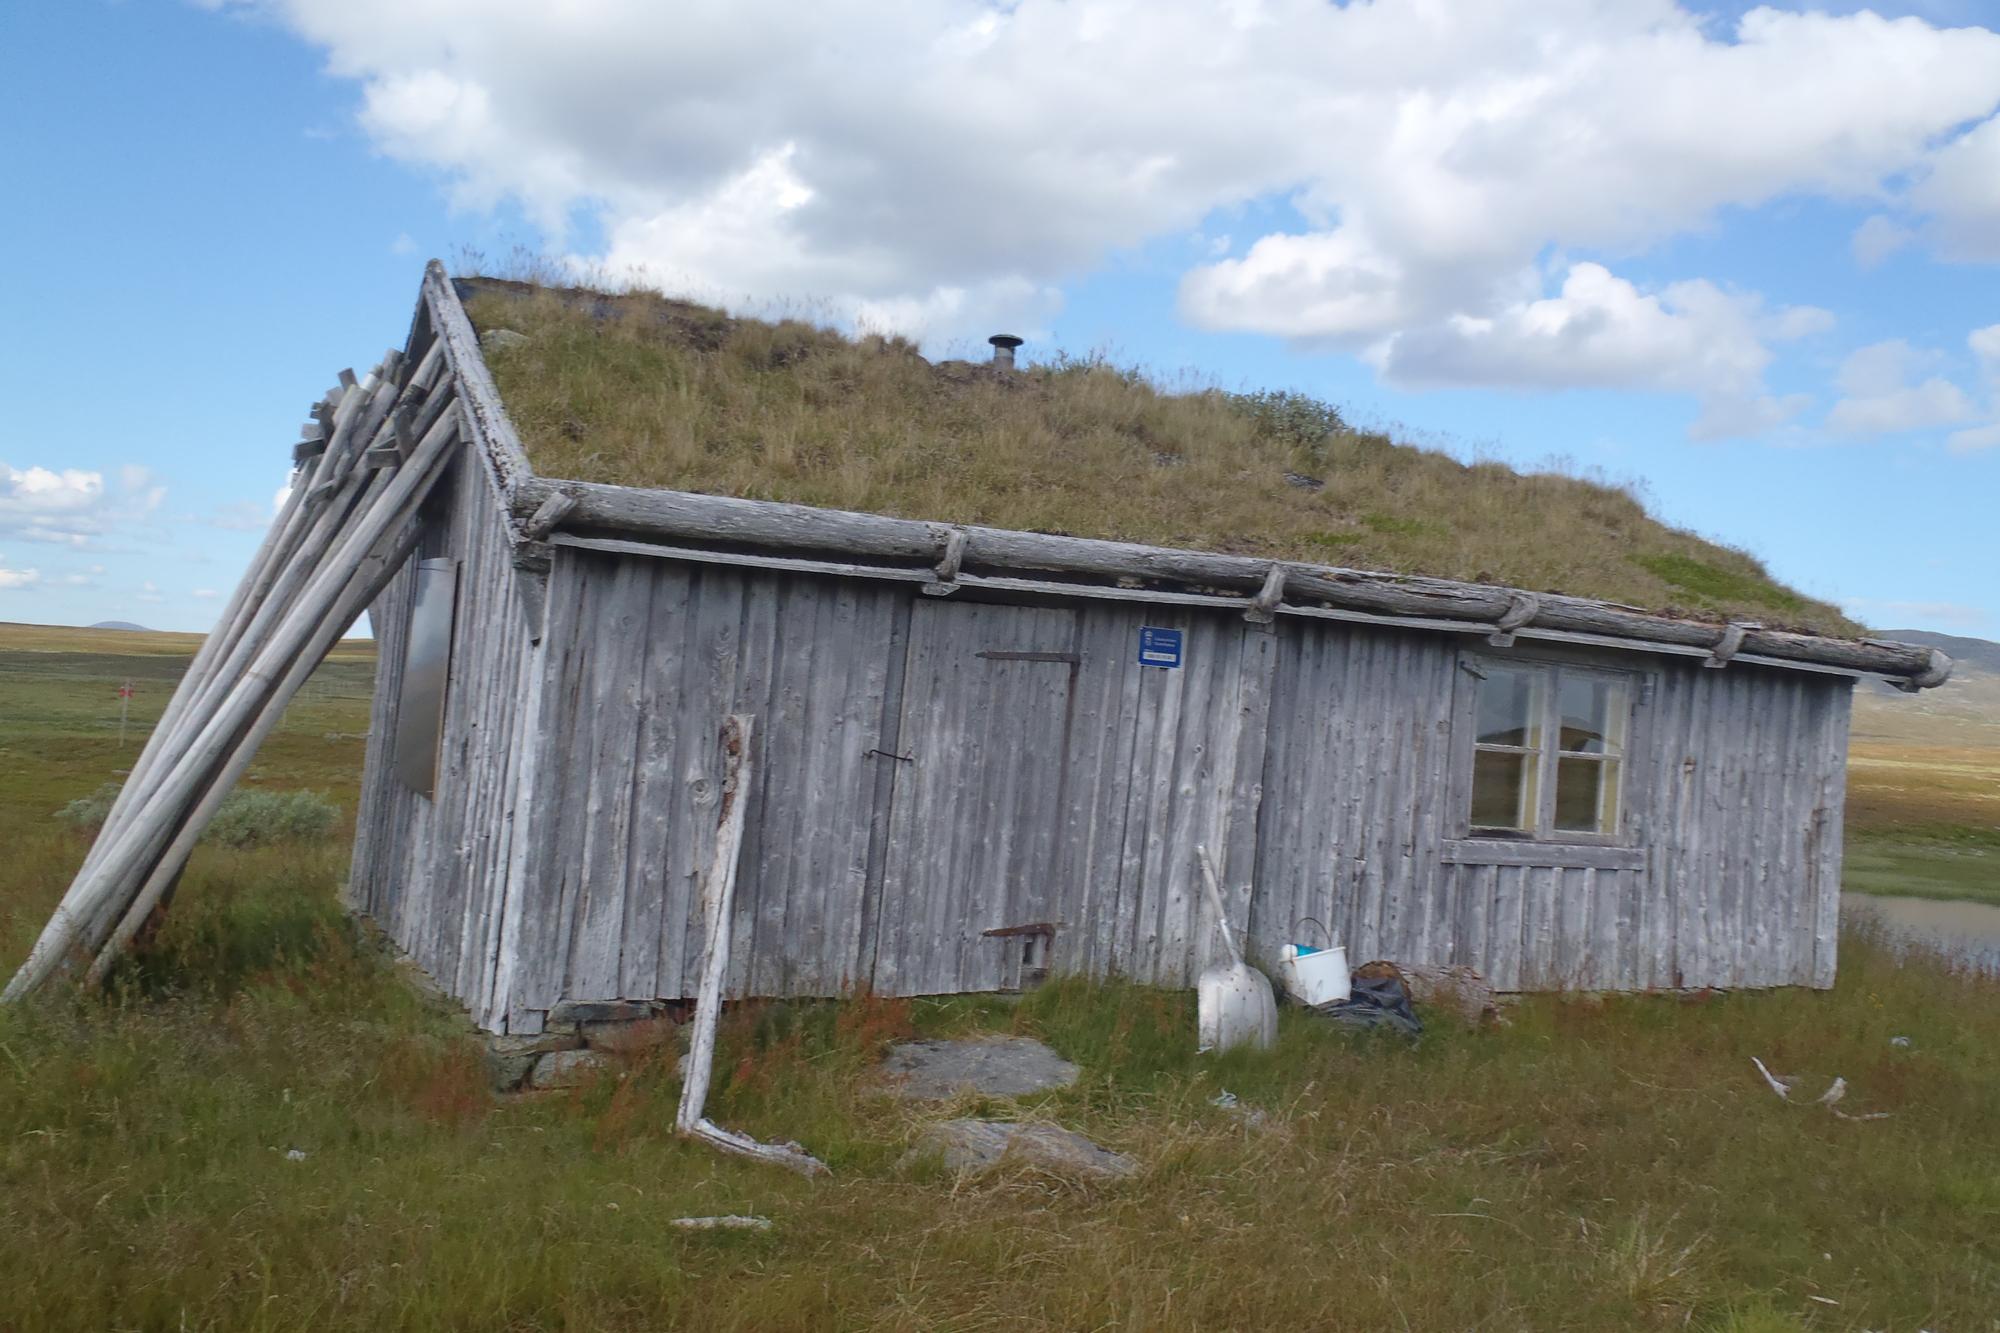 Simple hut on Stage 3